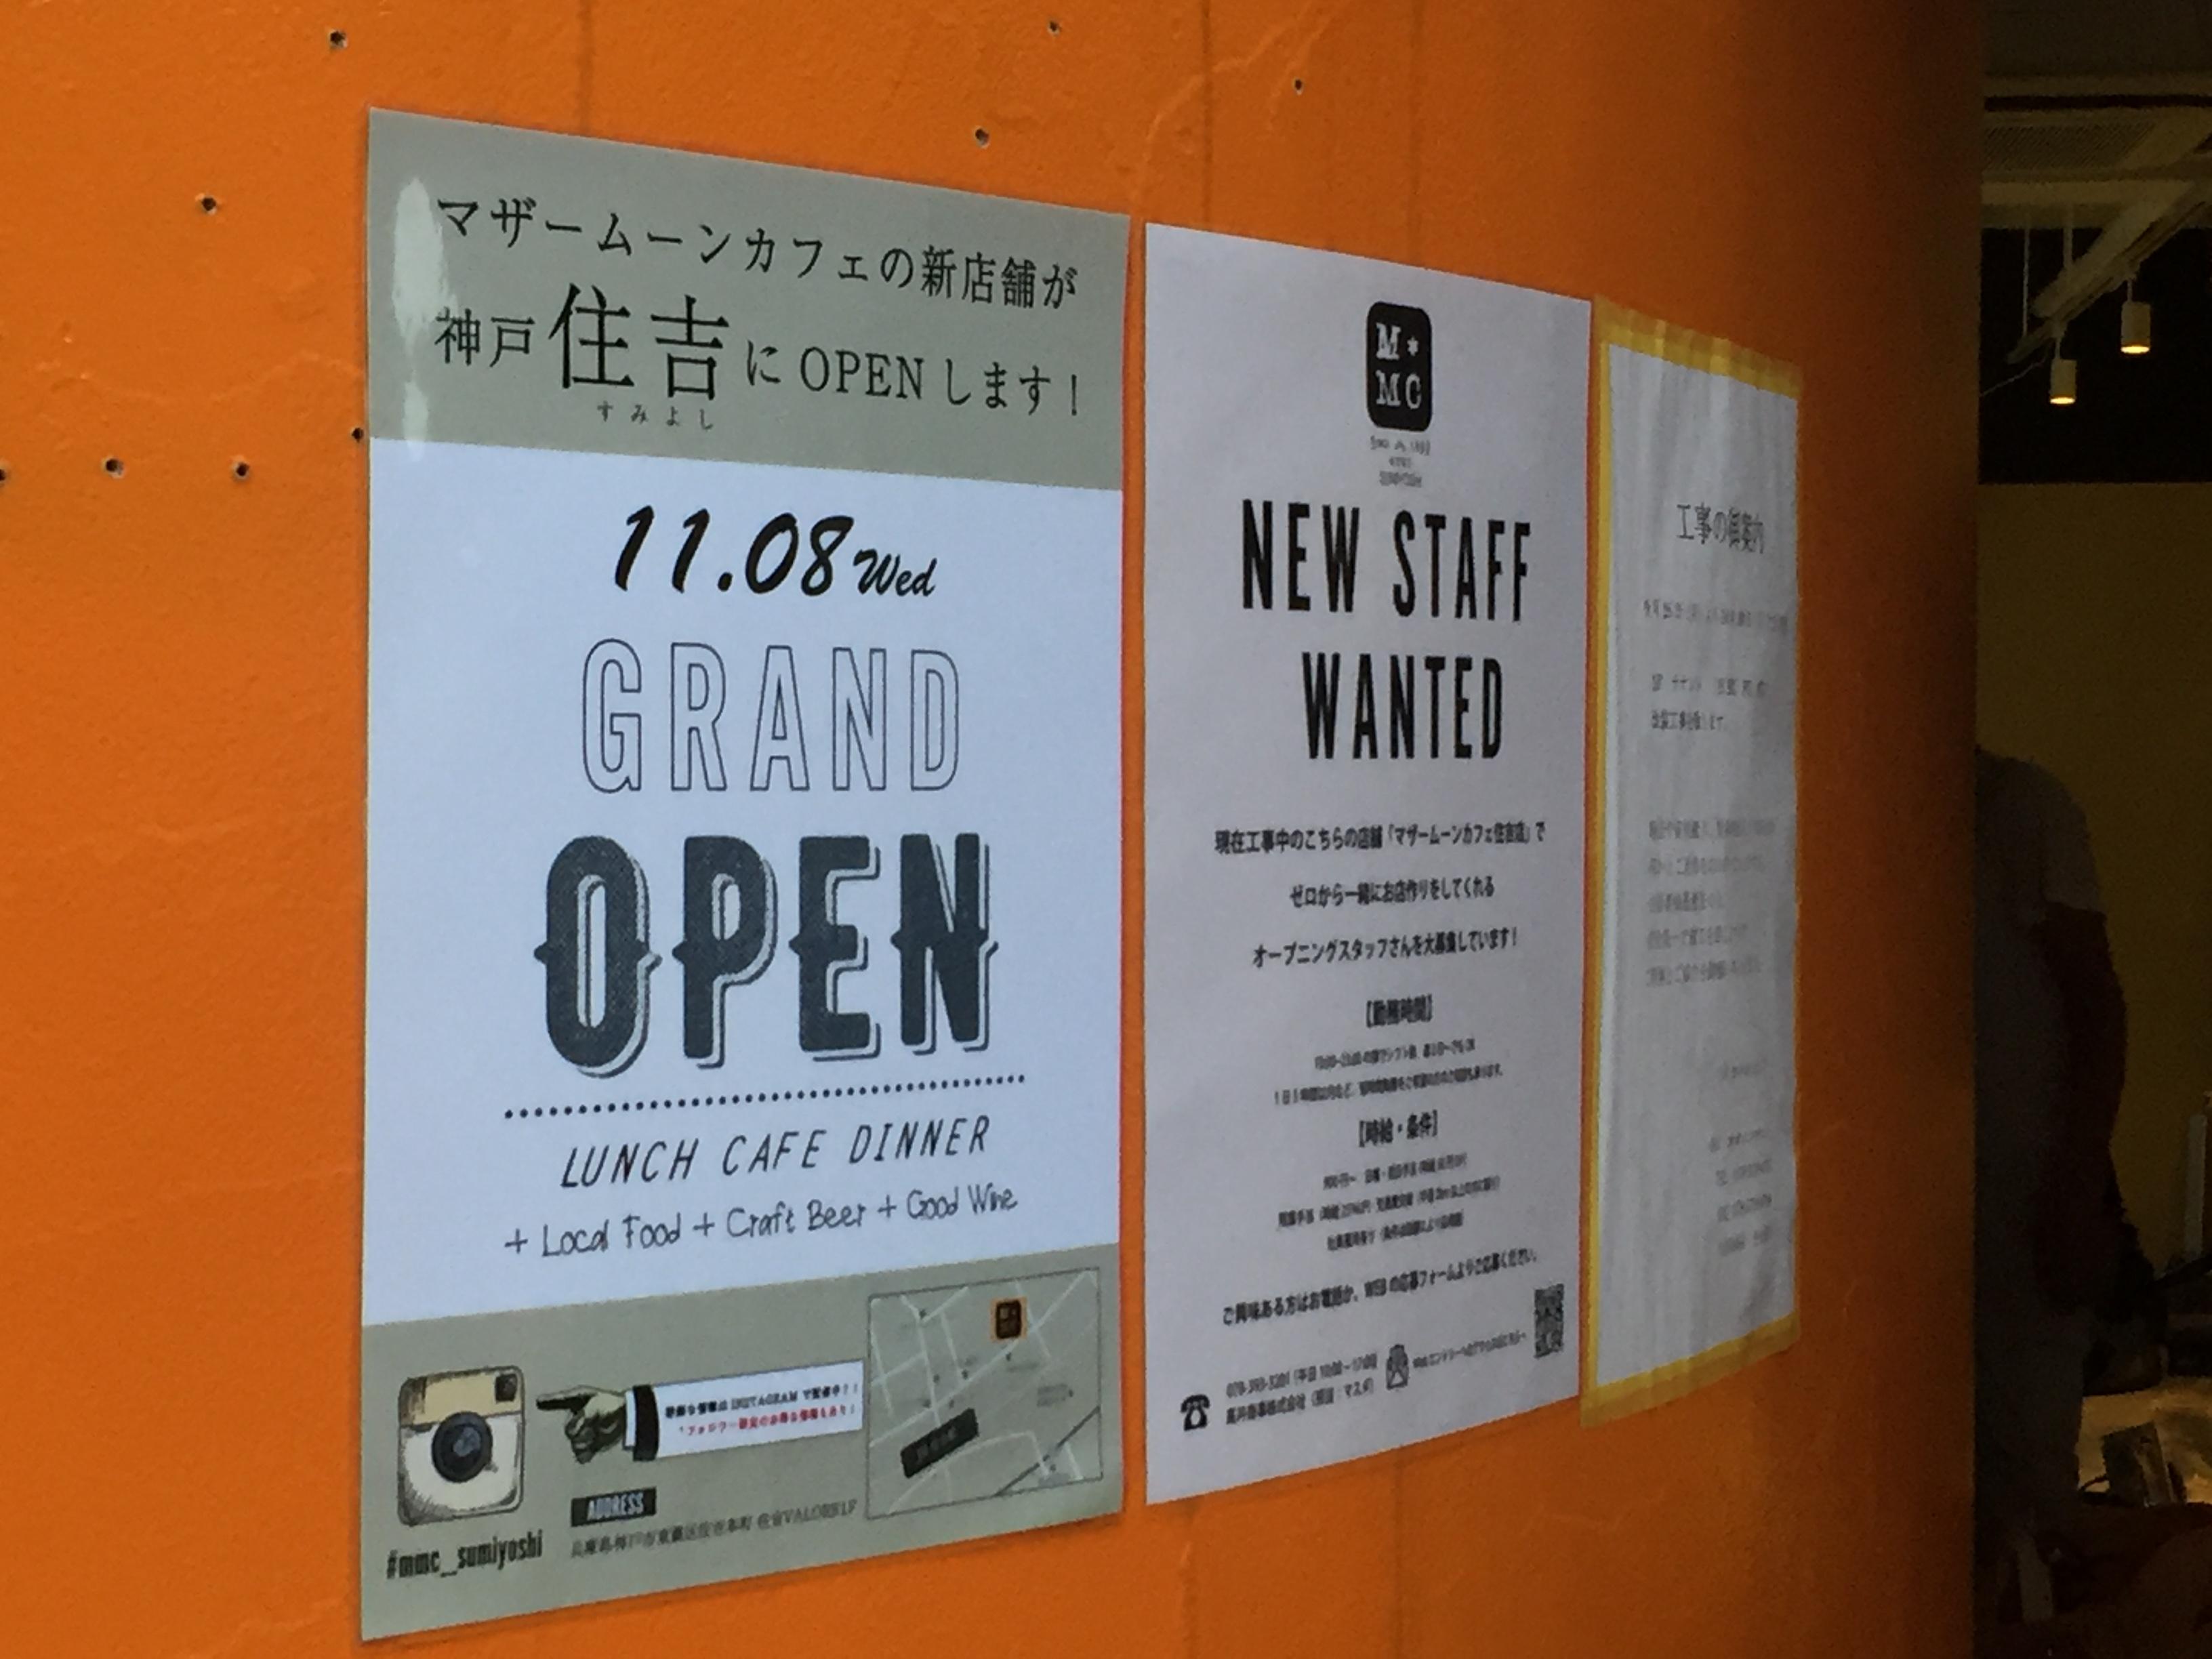 神戸・住吉に11/8(水)に「マザームーンカフェ」の新店舗がオープン! #マザームーンカフェ